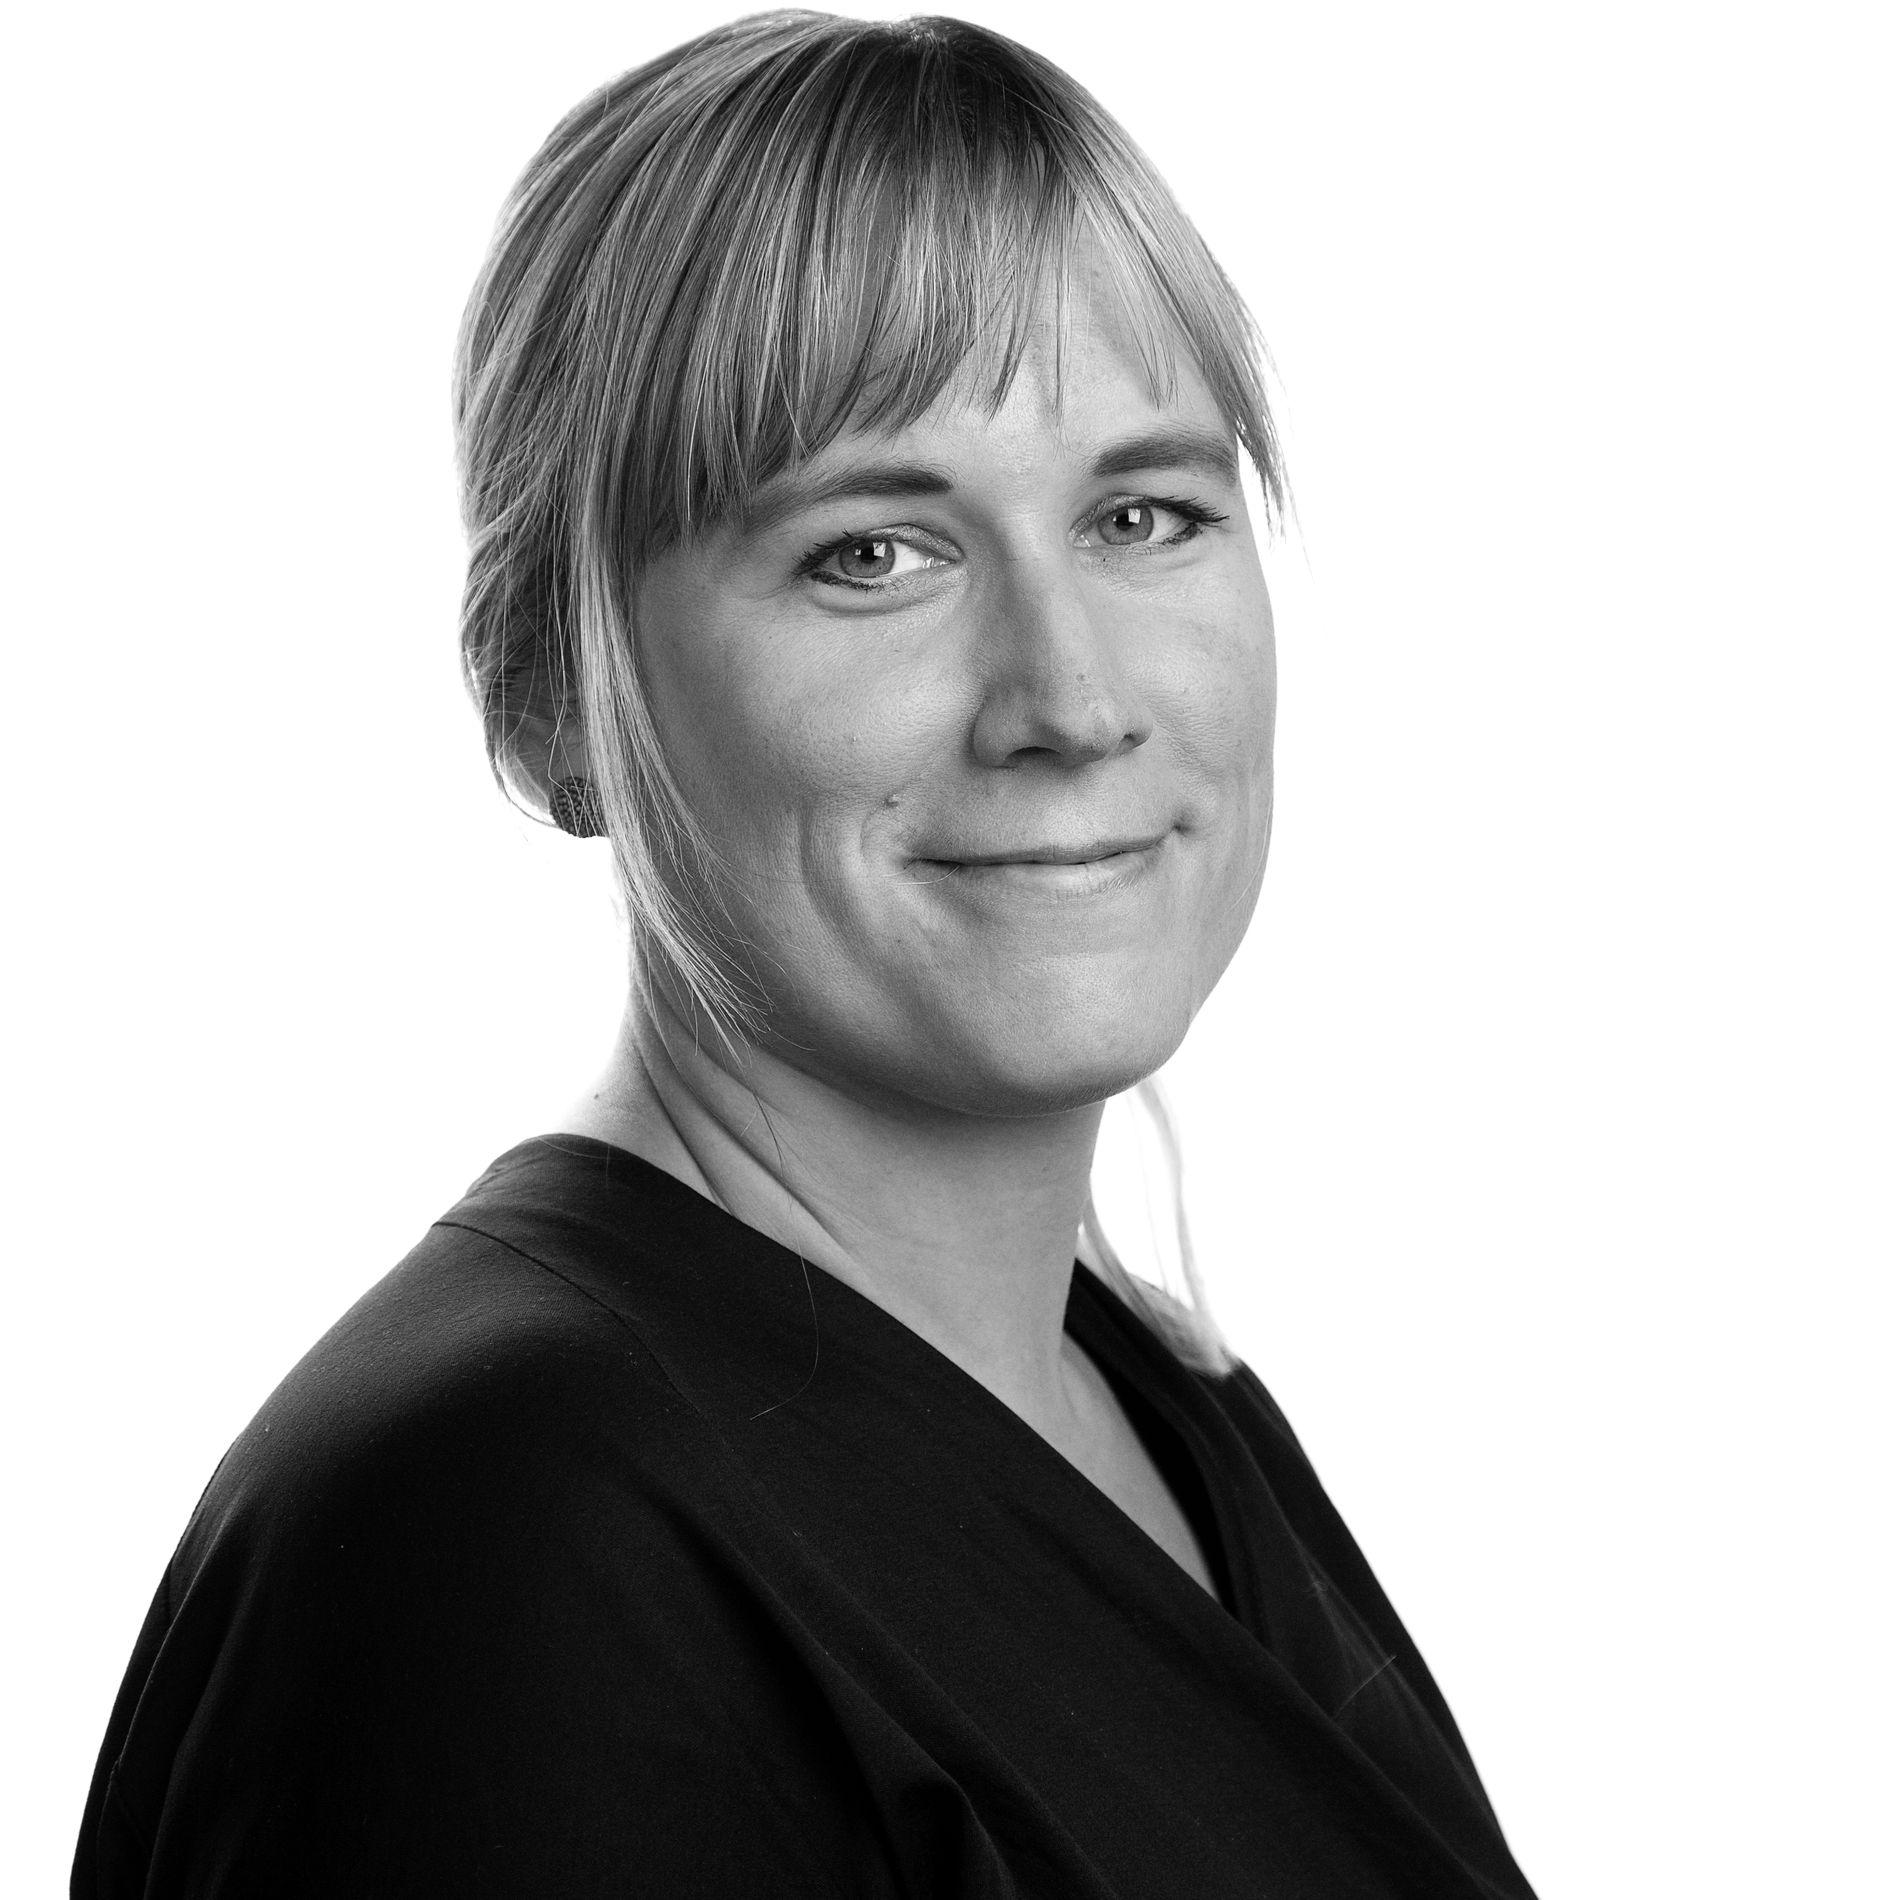 Karianne Steinsland